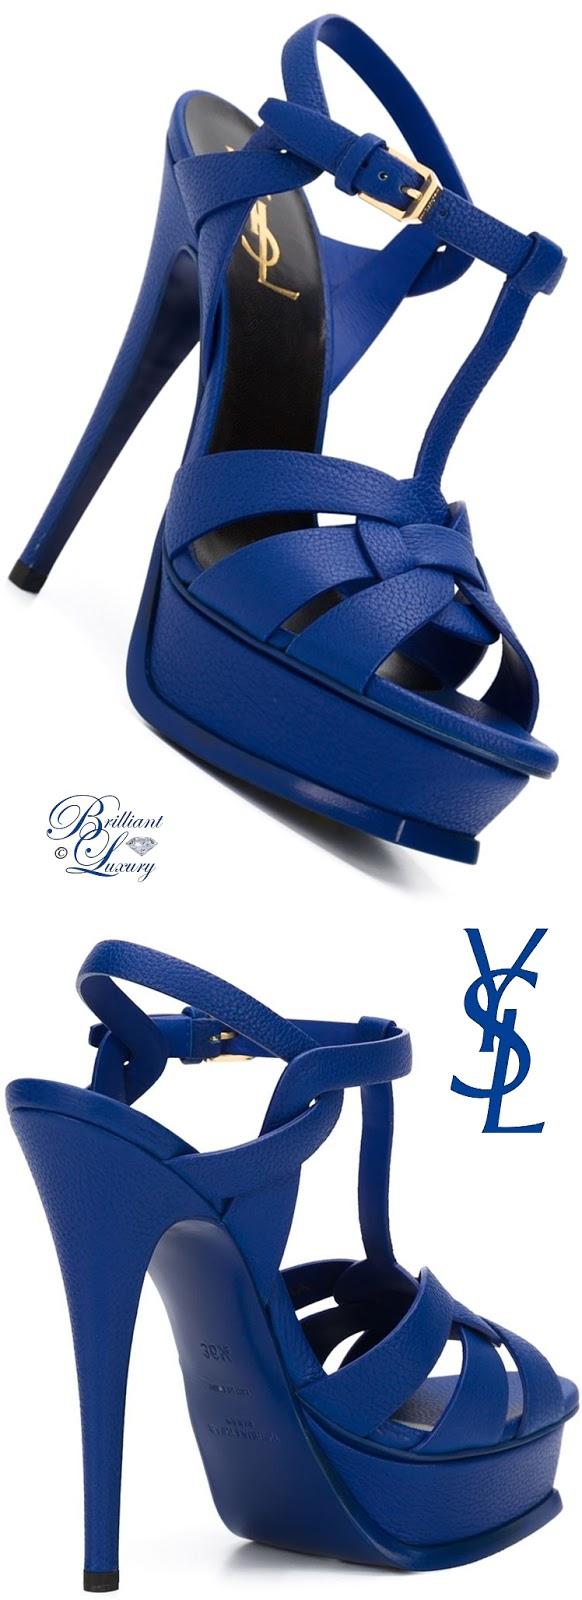 Brilliant Luxury ♦ Saint Laurent Tribute Sandals